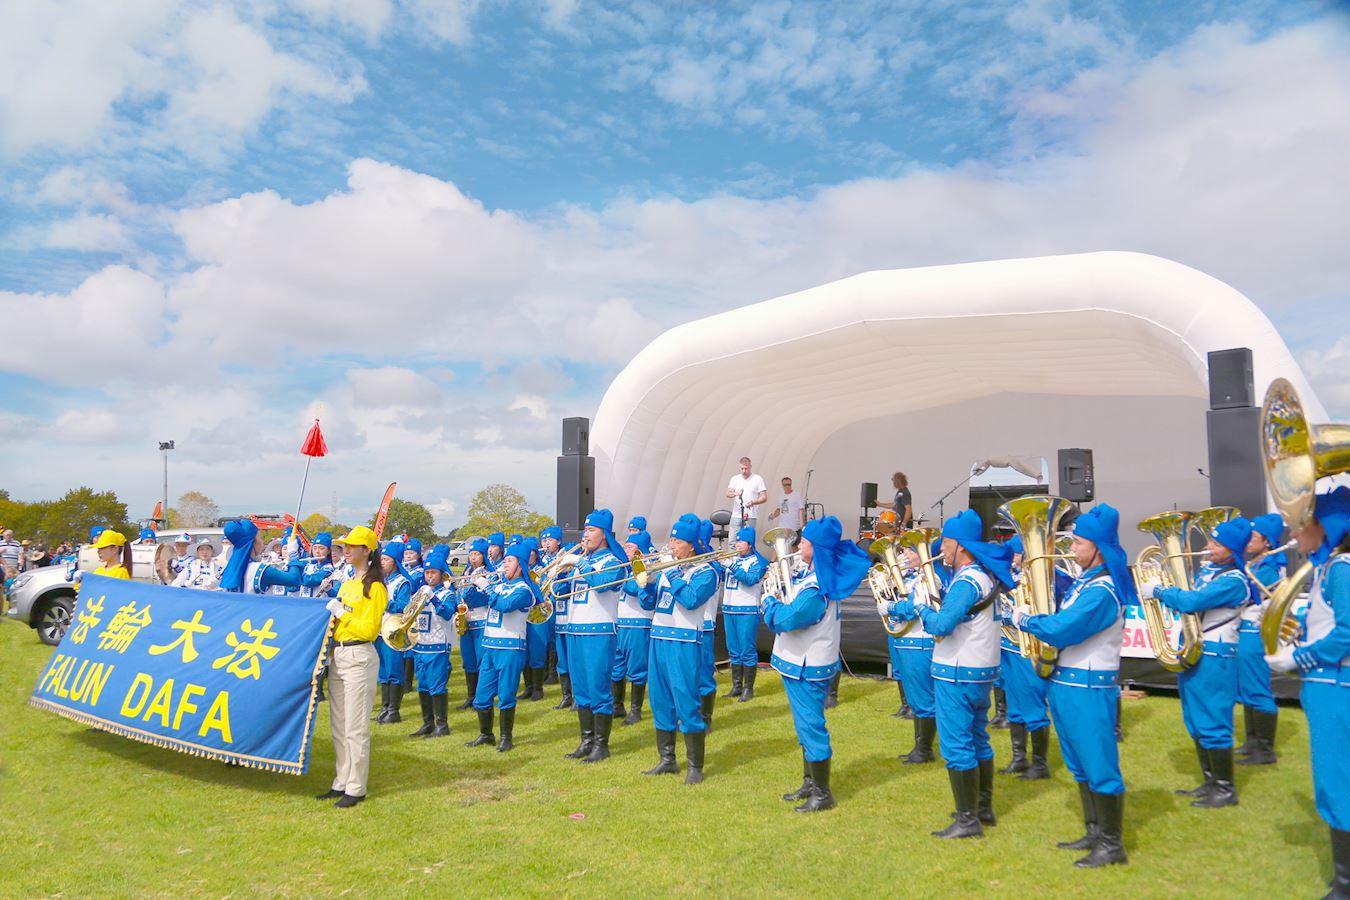 由法輪功學員組成的天國樂團在舞台前表演。(明慧網)